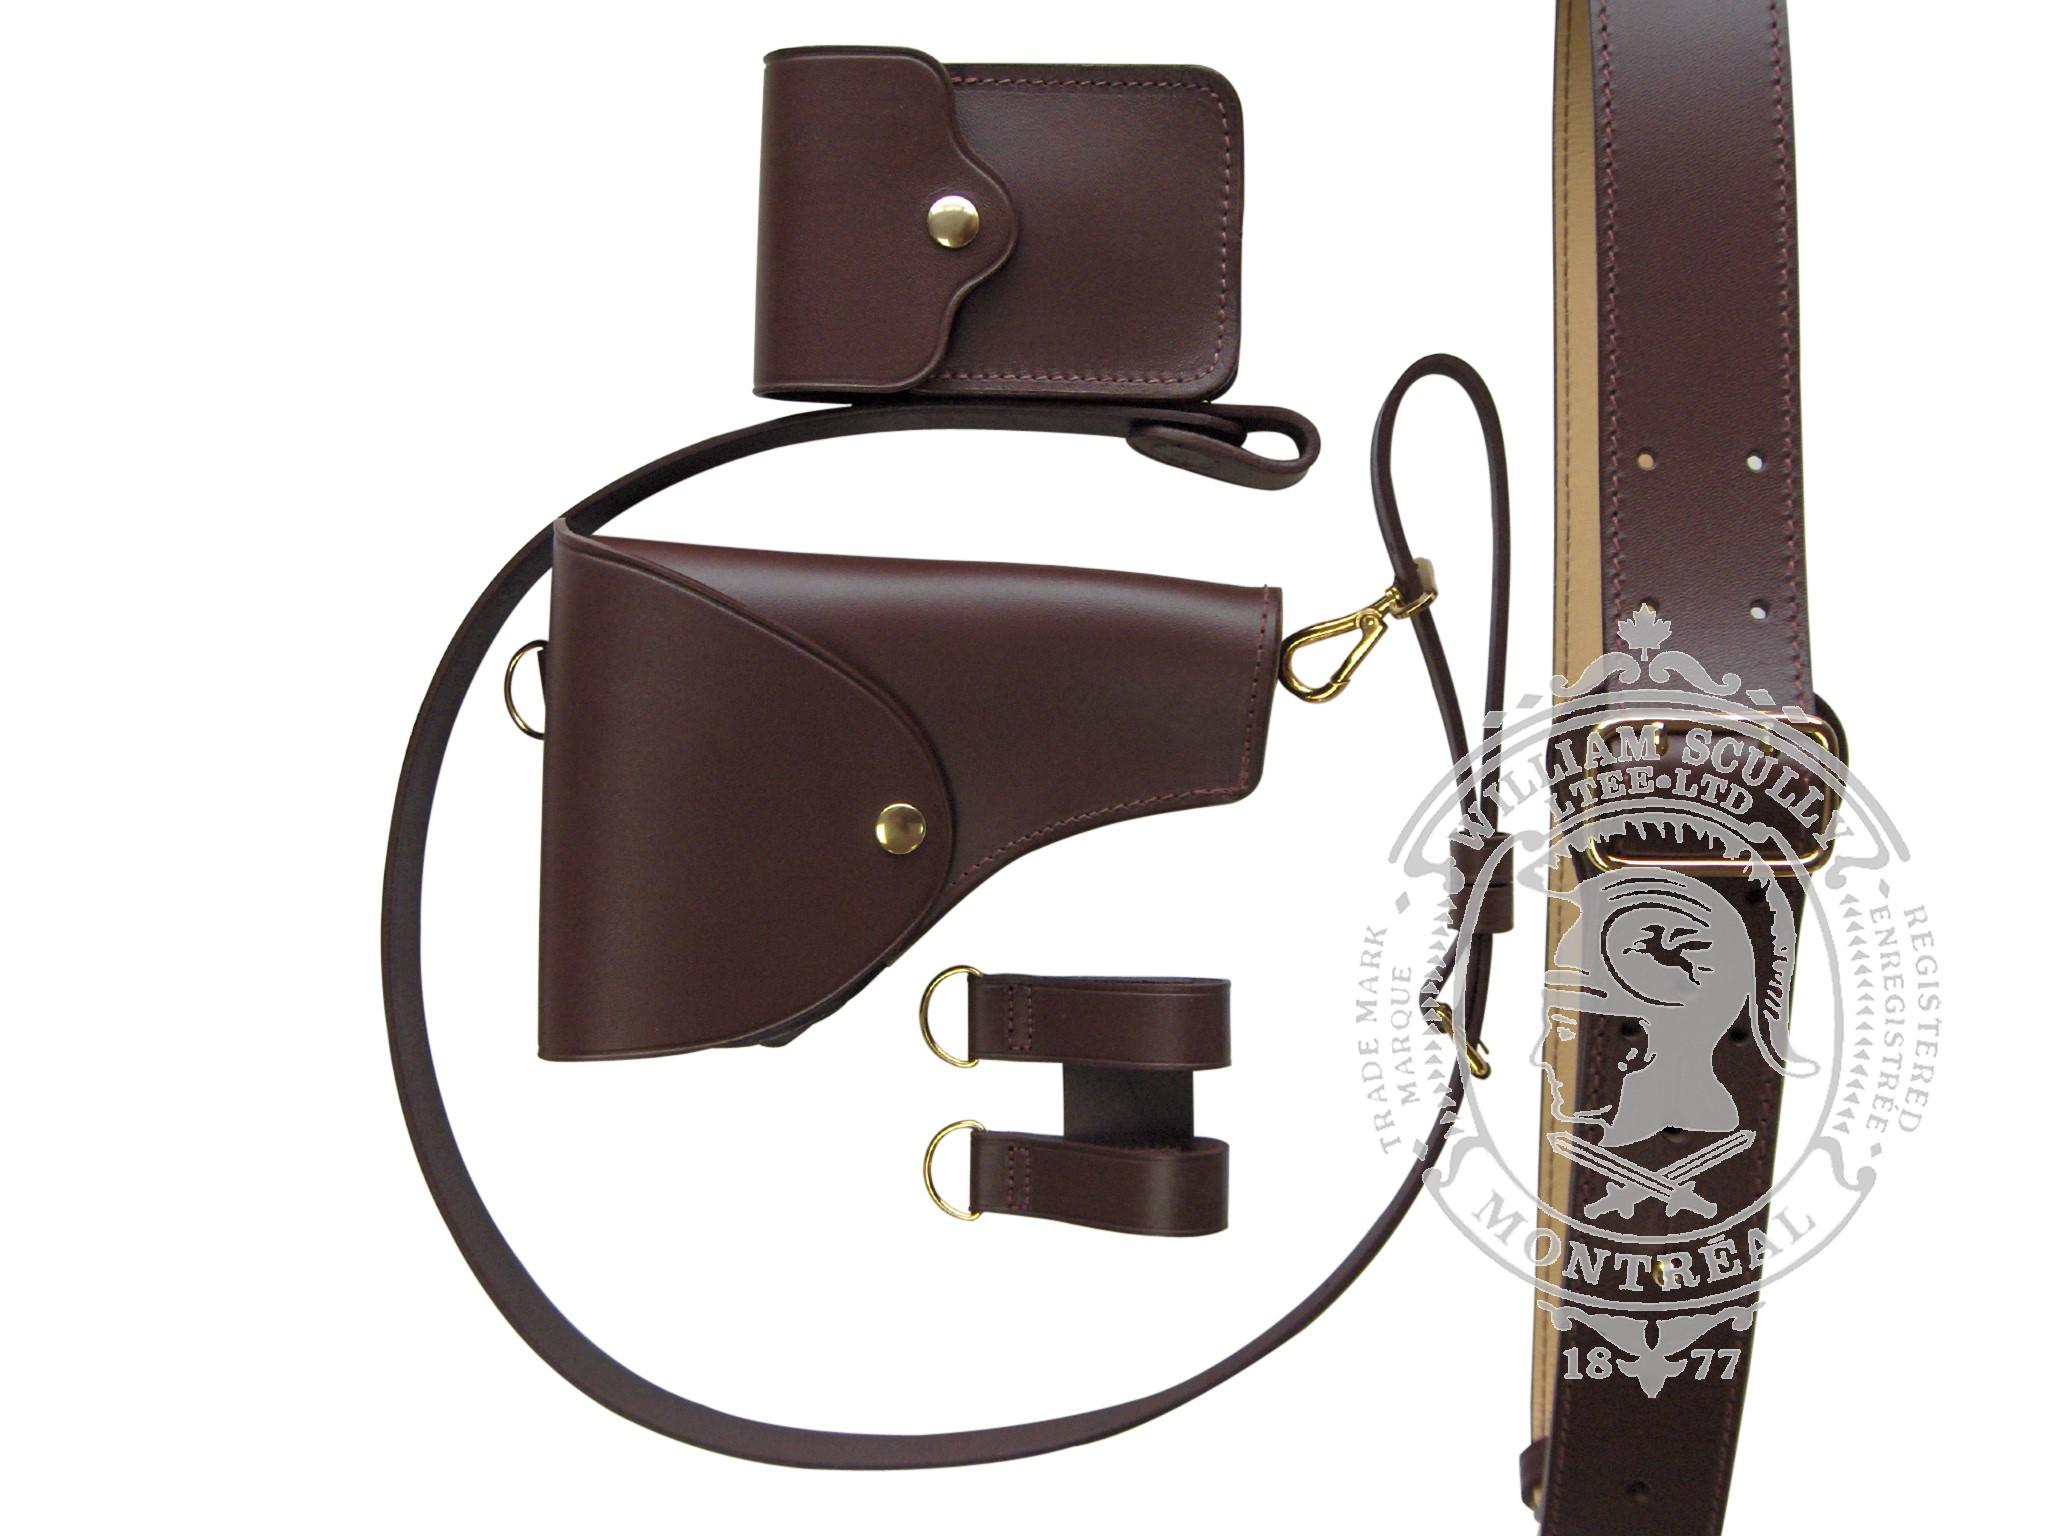 Sam Browne Belt - Complete Kit